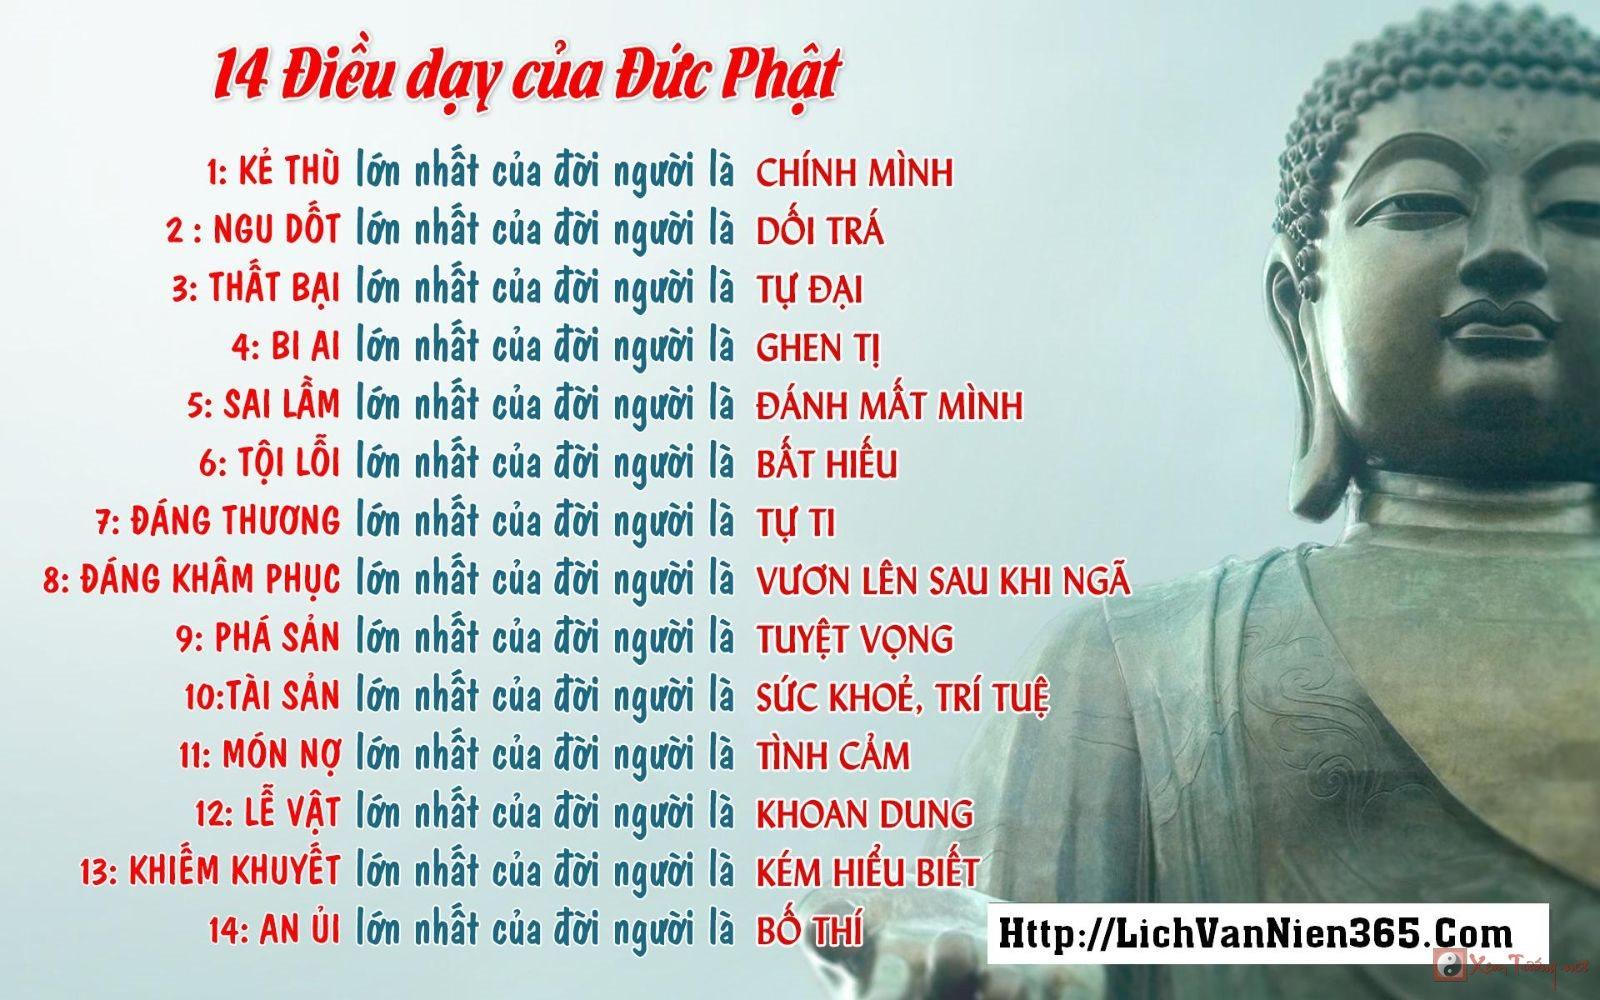 14 điều dạy của Phật